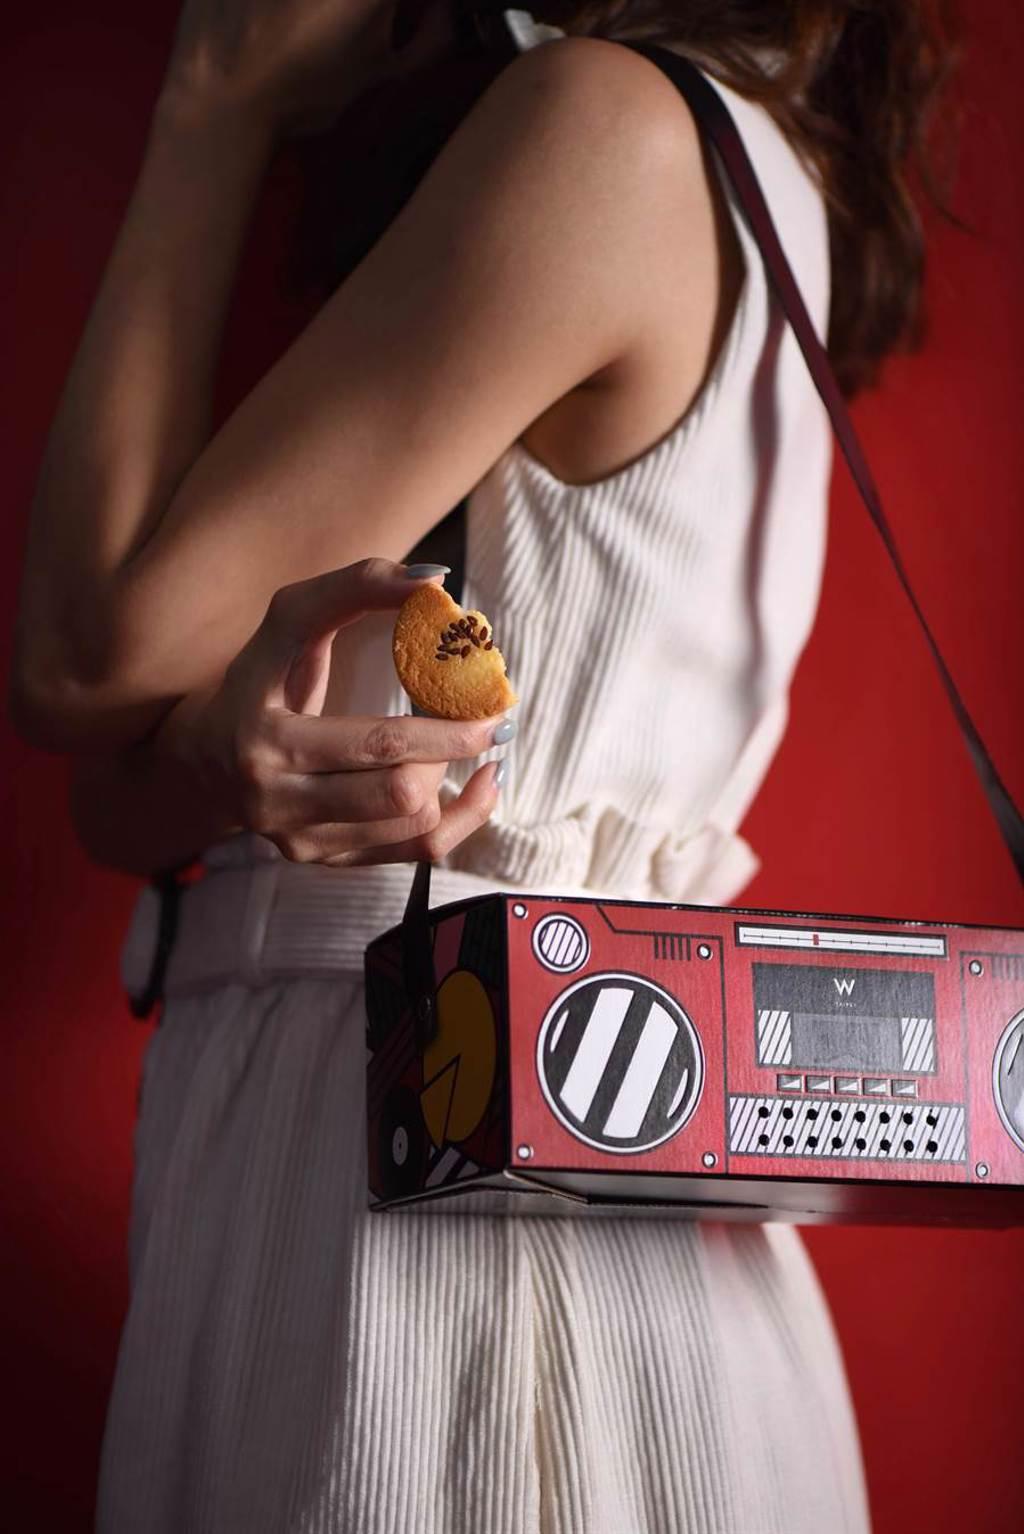 標榜「帥出新高度」的」台北W飯店 復古卡帶收音機造型「MOOSIC樂  餅禮盒」, 採一體成形設計、「無須外袋」。(圖/台北W飯店)